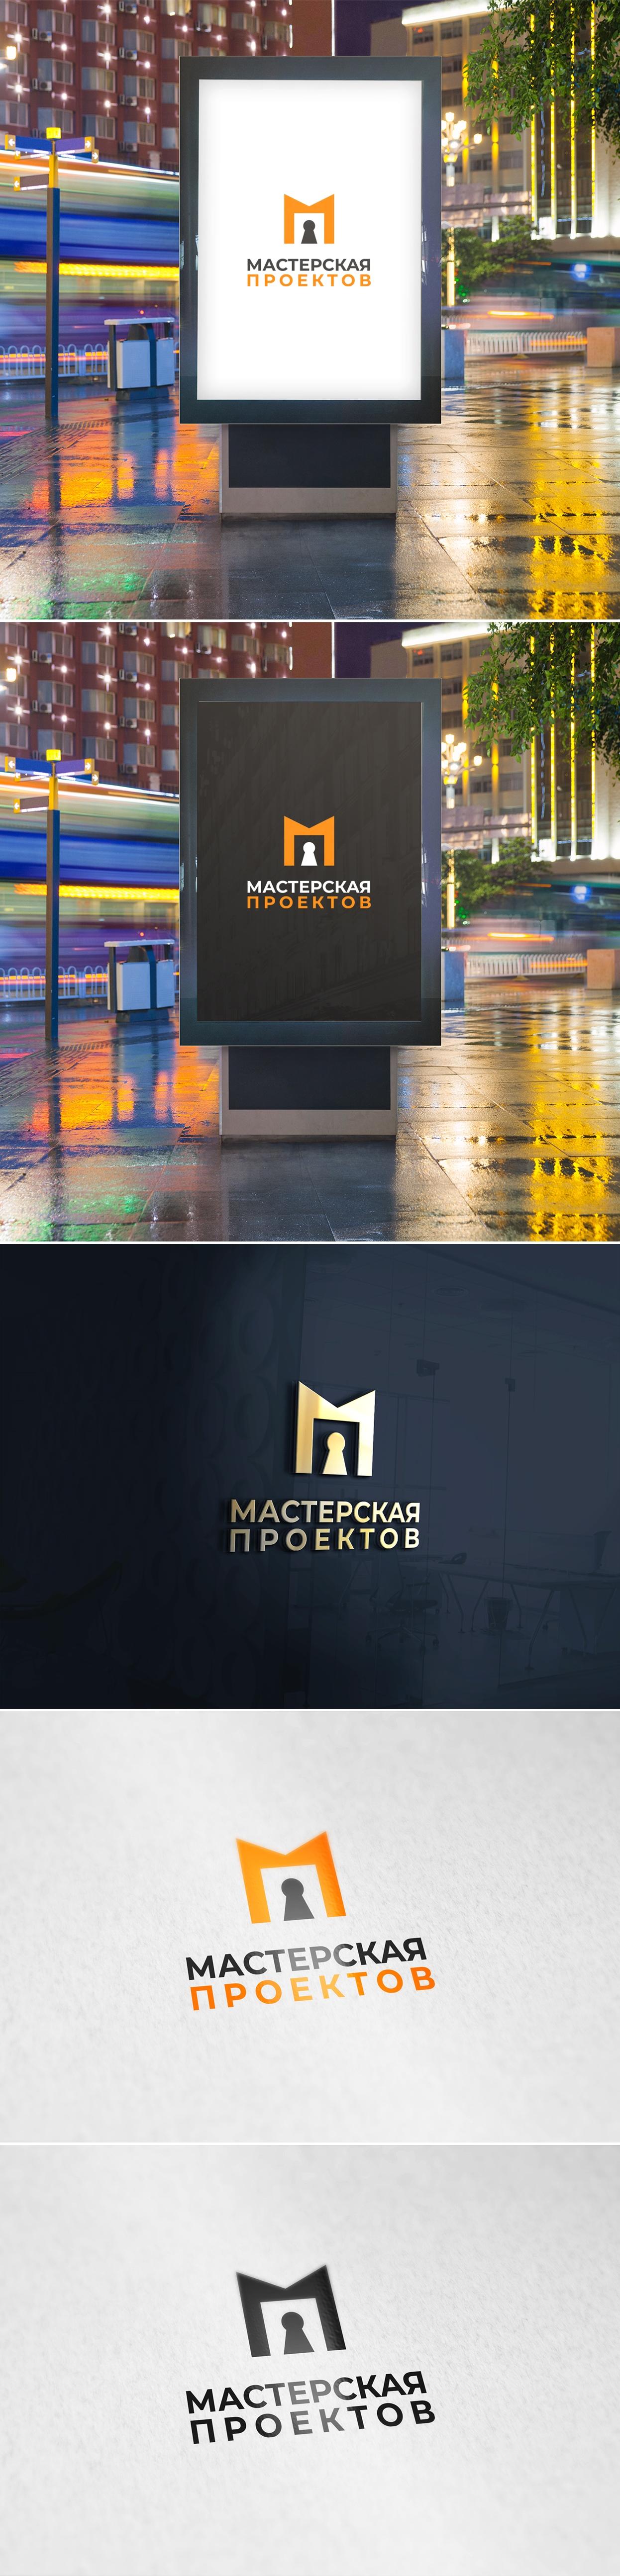 Разработка логотипа строительно-мебельного проекта (см. опис фото f_339606d5525d55c1.jpg